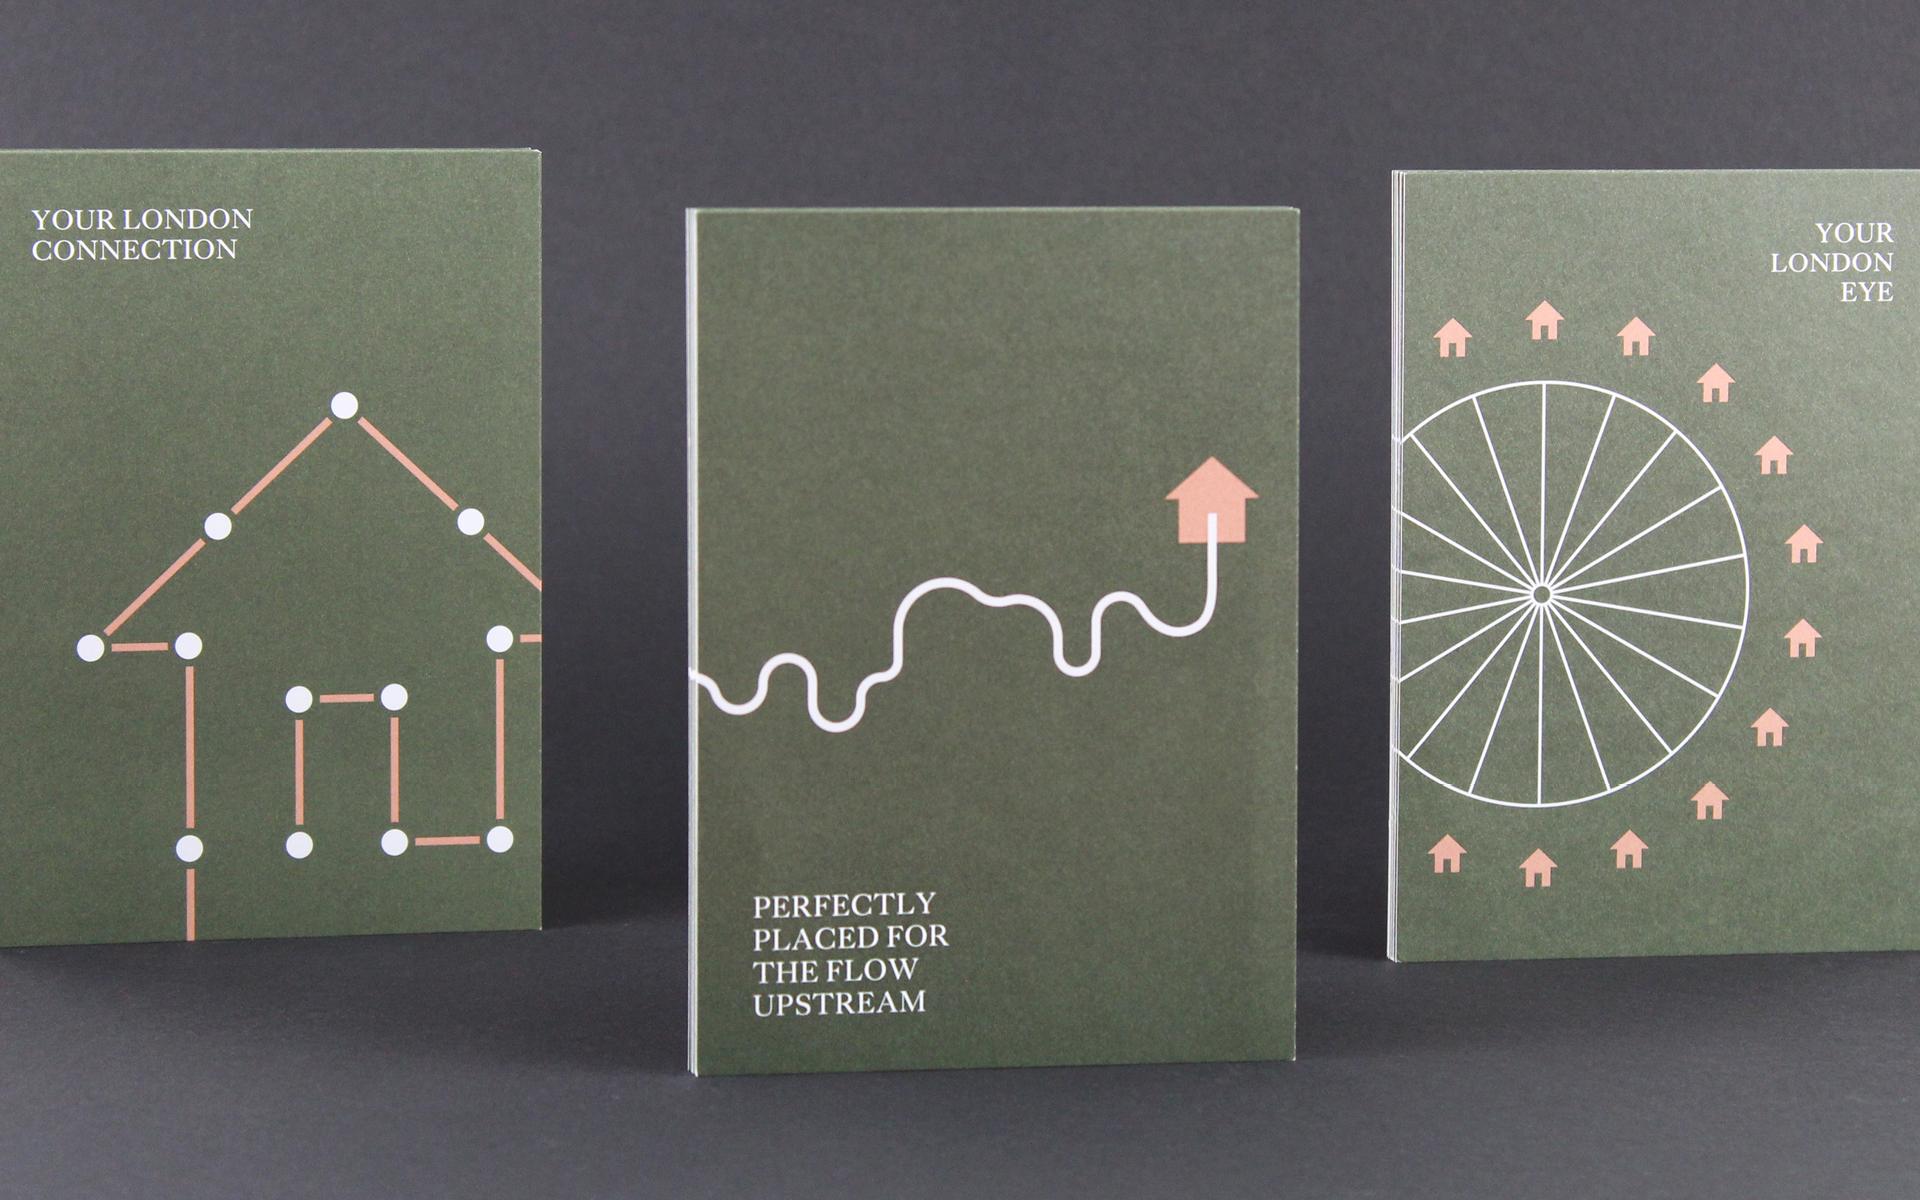 Bedfords targeted campaign postcard design